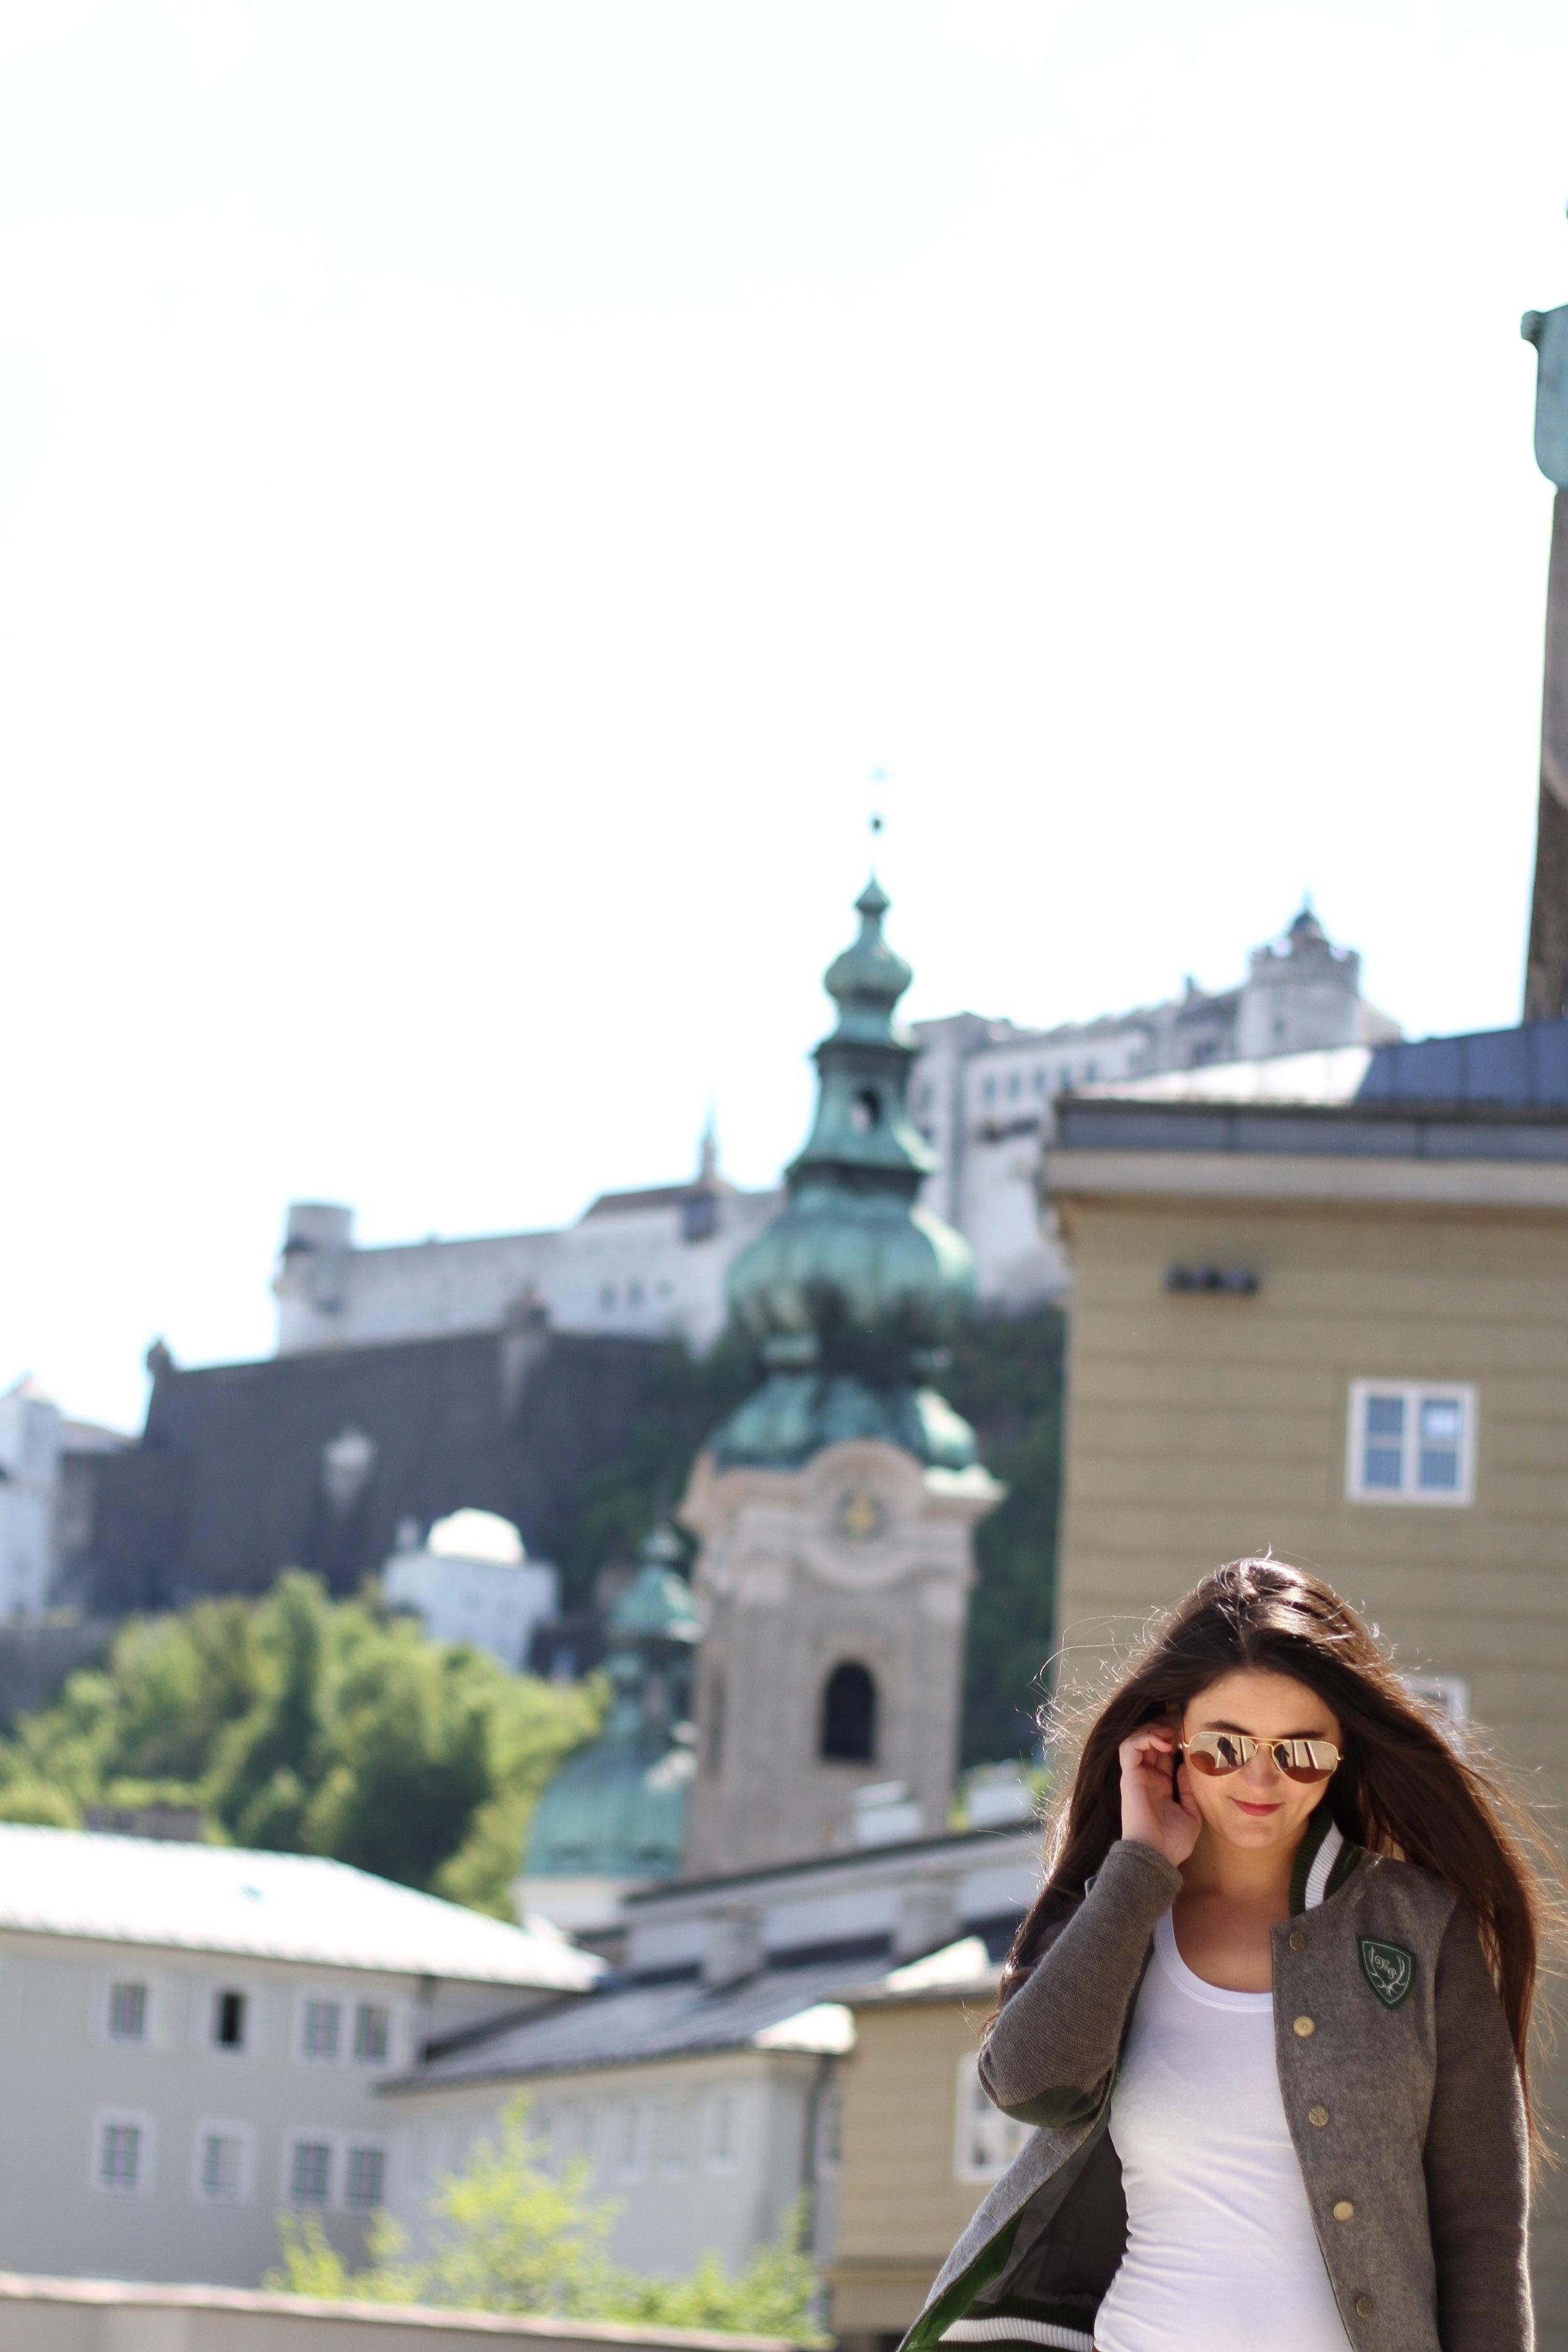 Who is Magnolia? - Herzlich Willkommen bei Magnolia Music & Arts - der jungen Content Agentur von Magdalena Griesner, MA.Mit einem Master Abschluss in Musik- und Tanzwissenschaften und meiner Berufung als freischaffende Redakteurin, Content Managerin und Bloggerin habe ich mich darauf spezialisiert Content für den Kunst- und Kulturbereich zu erstellen.Meine Blogs betreibe ich mit viel Herz und Passion. Auf meinem Kulturblog schreibe ich über Kunst und Kultur in der Stadt Salzburg. Auf internationalekunst.at biete ich Künstlern eine Plattform, sich zu präsentieren.Brauchst du Hilfe mit deinem Online-Auftritt? Ich freue mich über deine Nachricht!